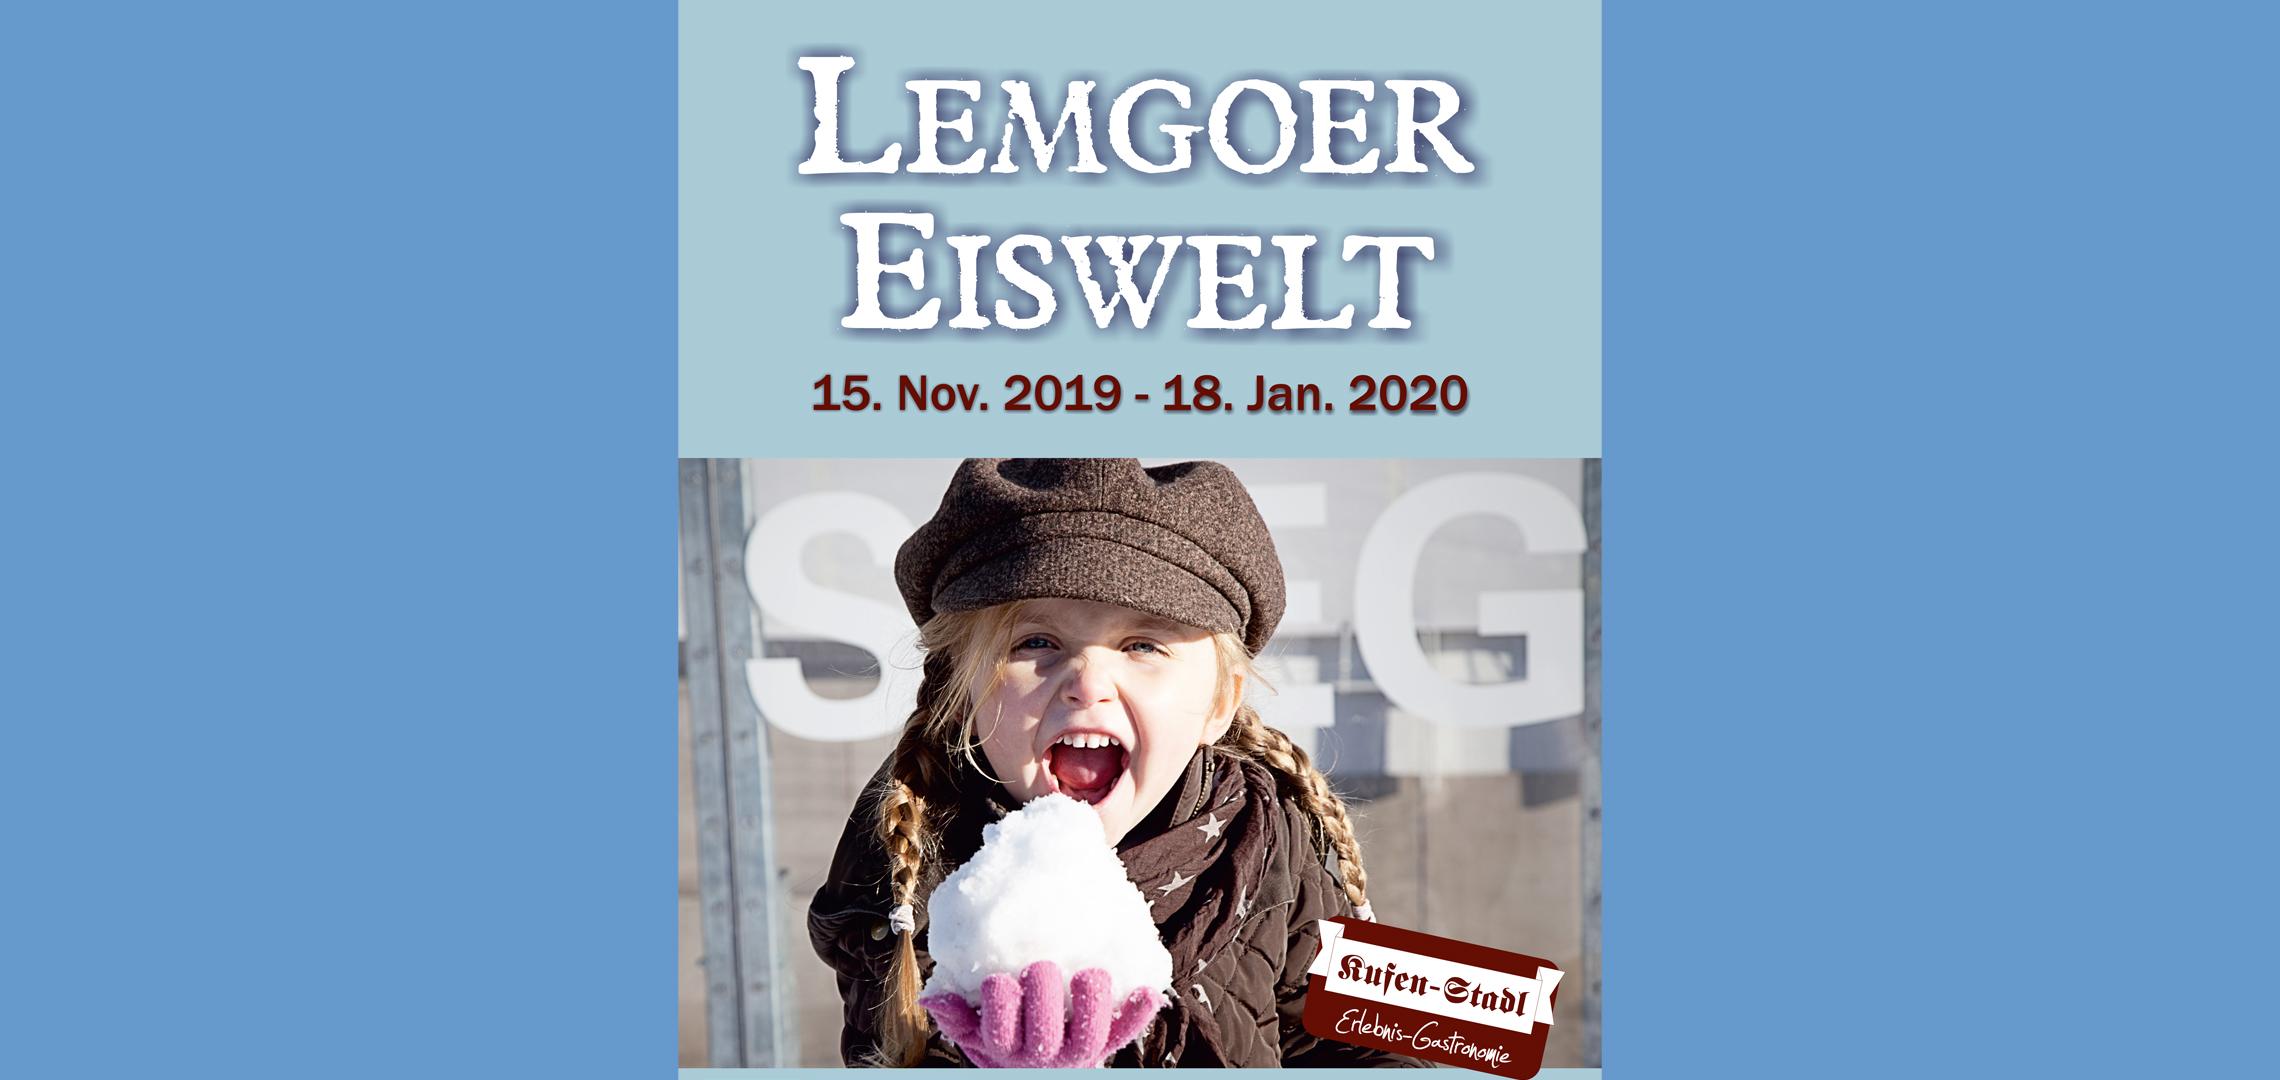 ABGESAGT! - Lemgoer Eiswelt